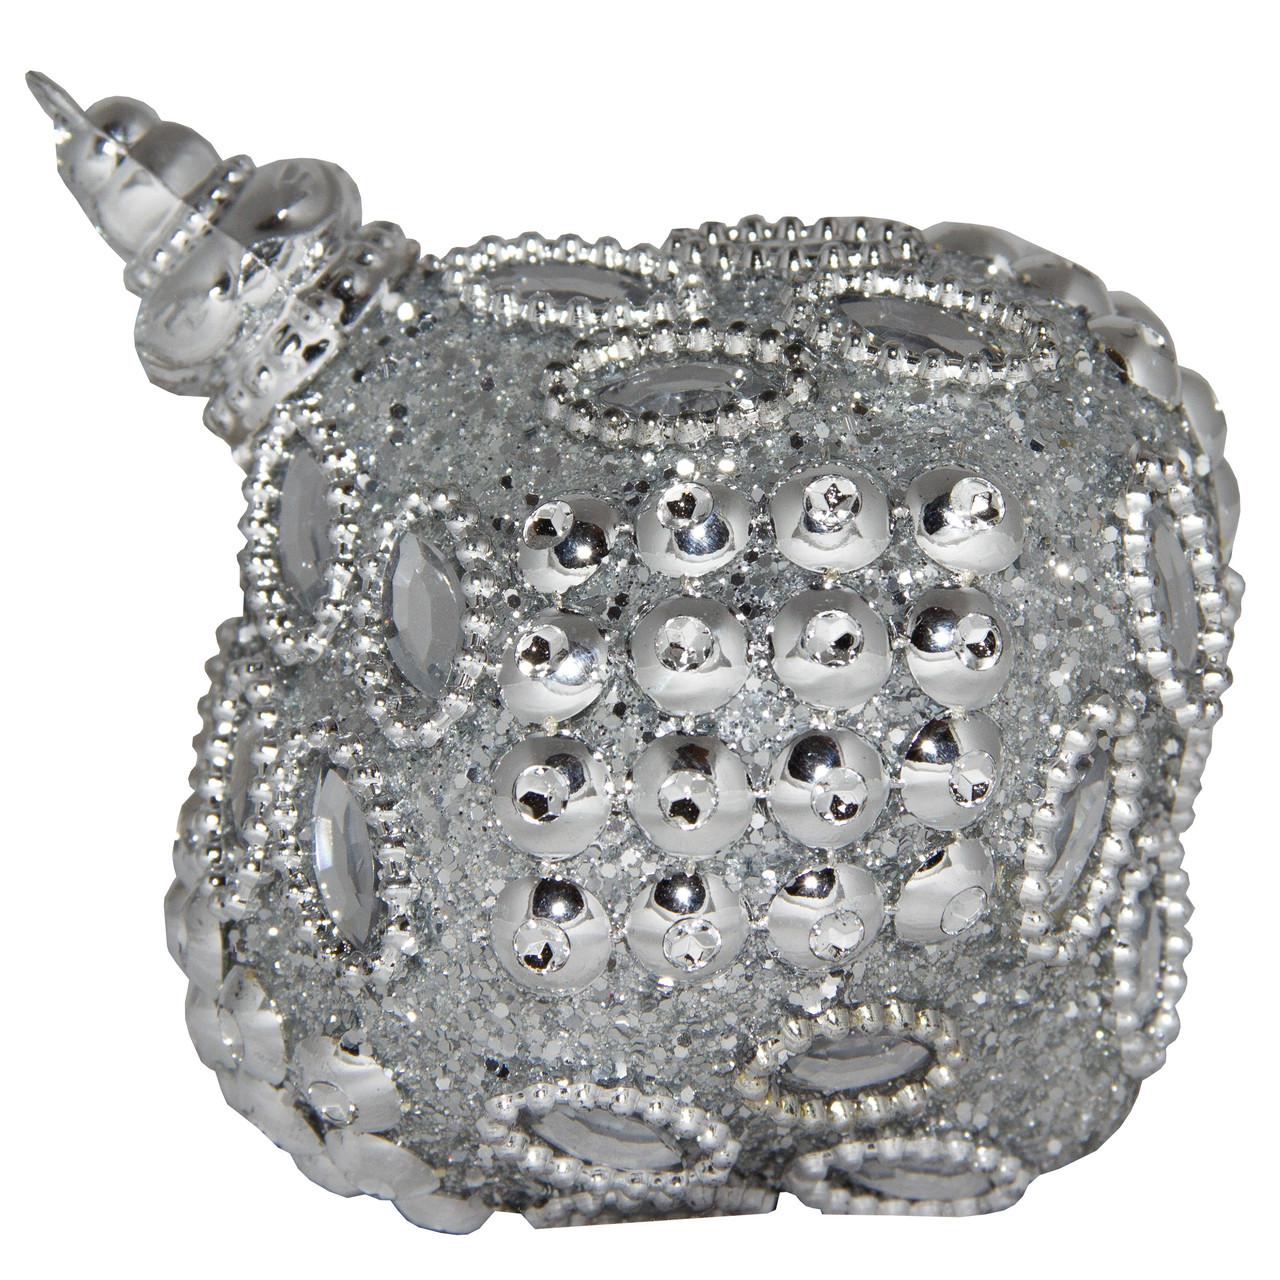 Елочная игрушка в форме луковицы, 9 см, серебристый, пенопласт, пластик (661428-7)